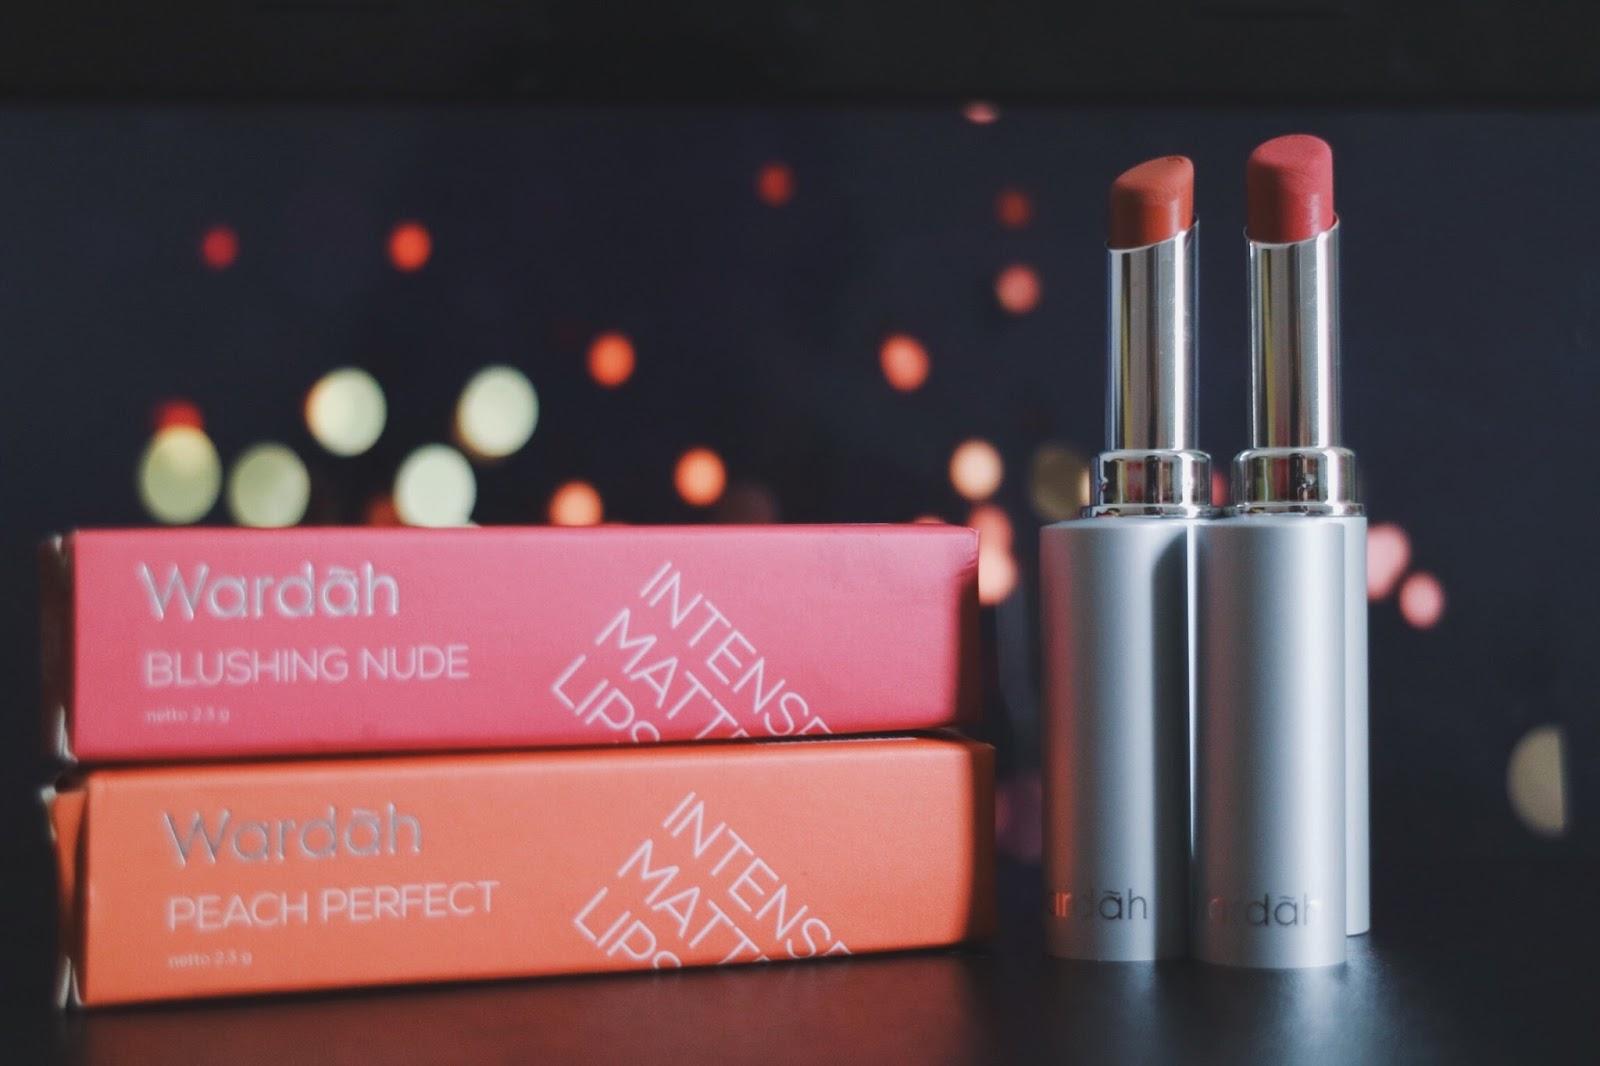 Review Wardah Intense Matte Lipstick Ilunga Lipstik Alhasil Sekarang Aku Punya Beberapa Warna Nude Dan Salah Satunya Ini Dari Packagingnya Suka Banget